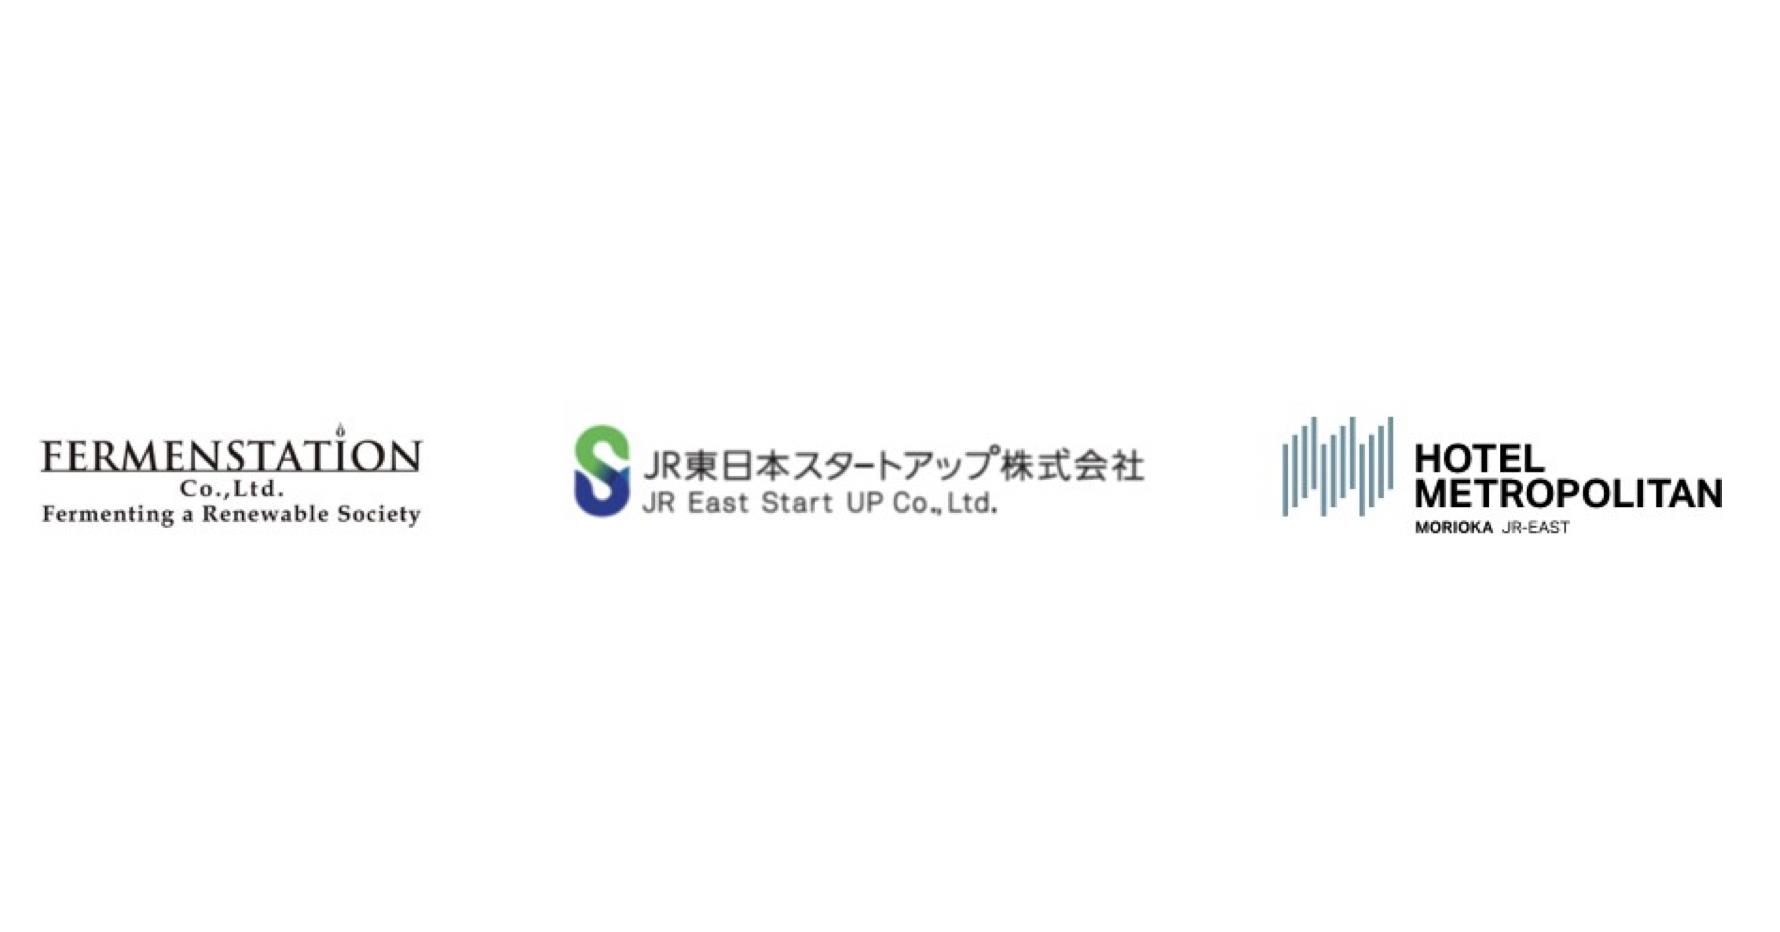 JR東日本とベンチャーの協業で実現、「ジャー黒牛」が東北レストラン鉄道のメニューに採用